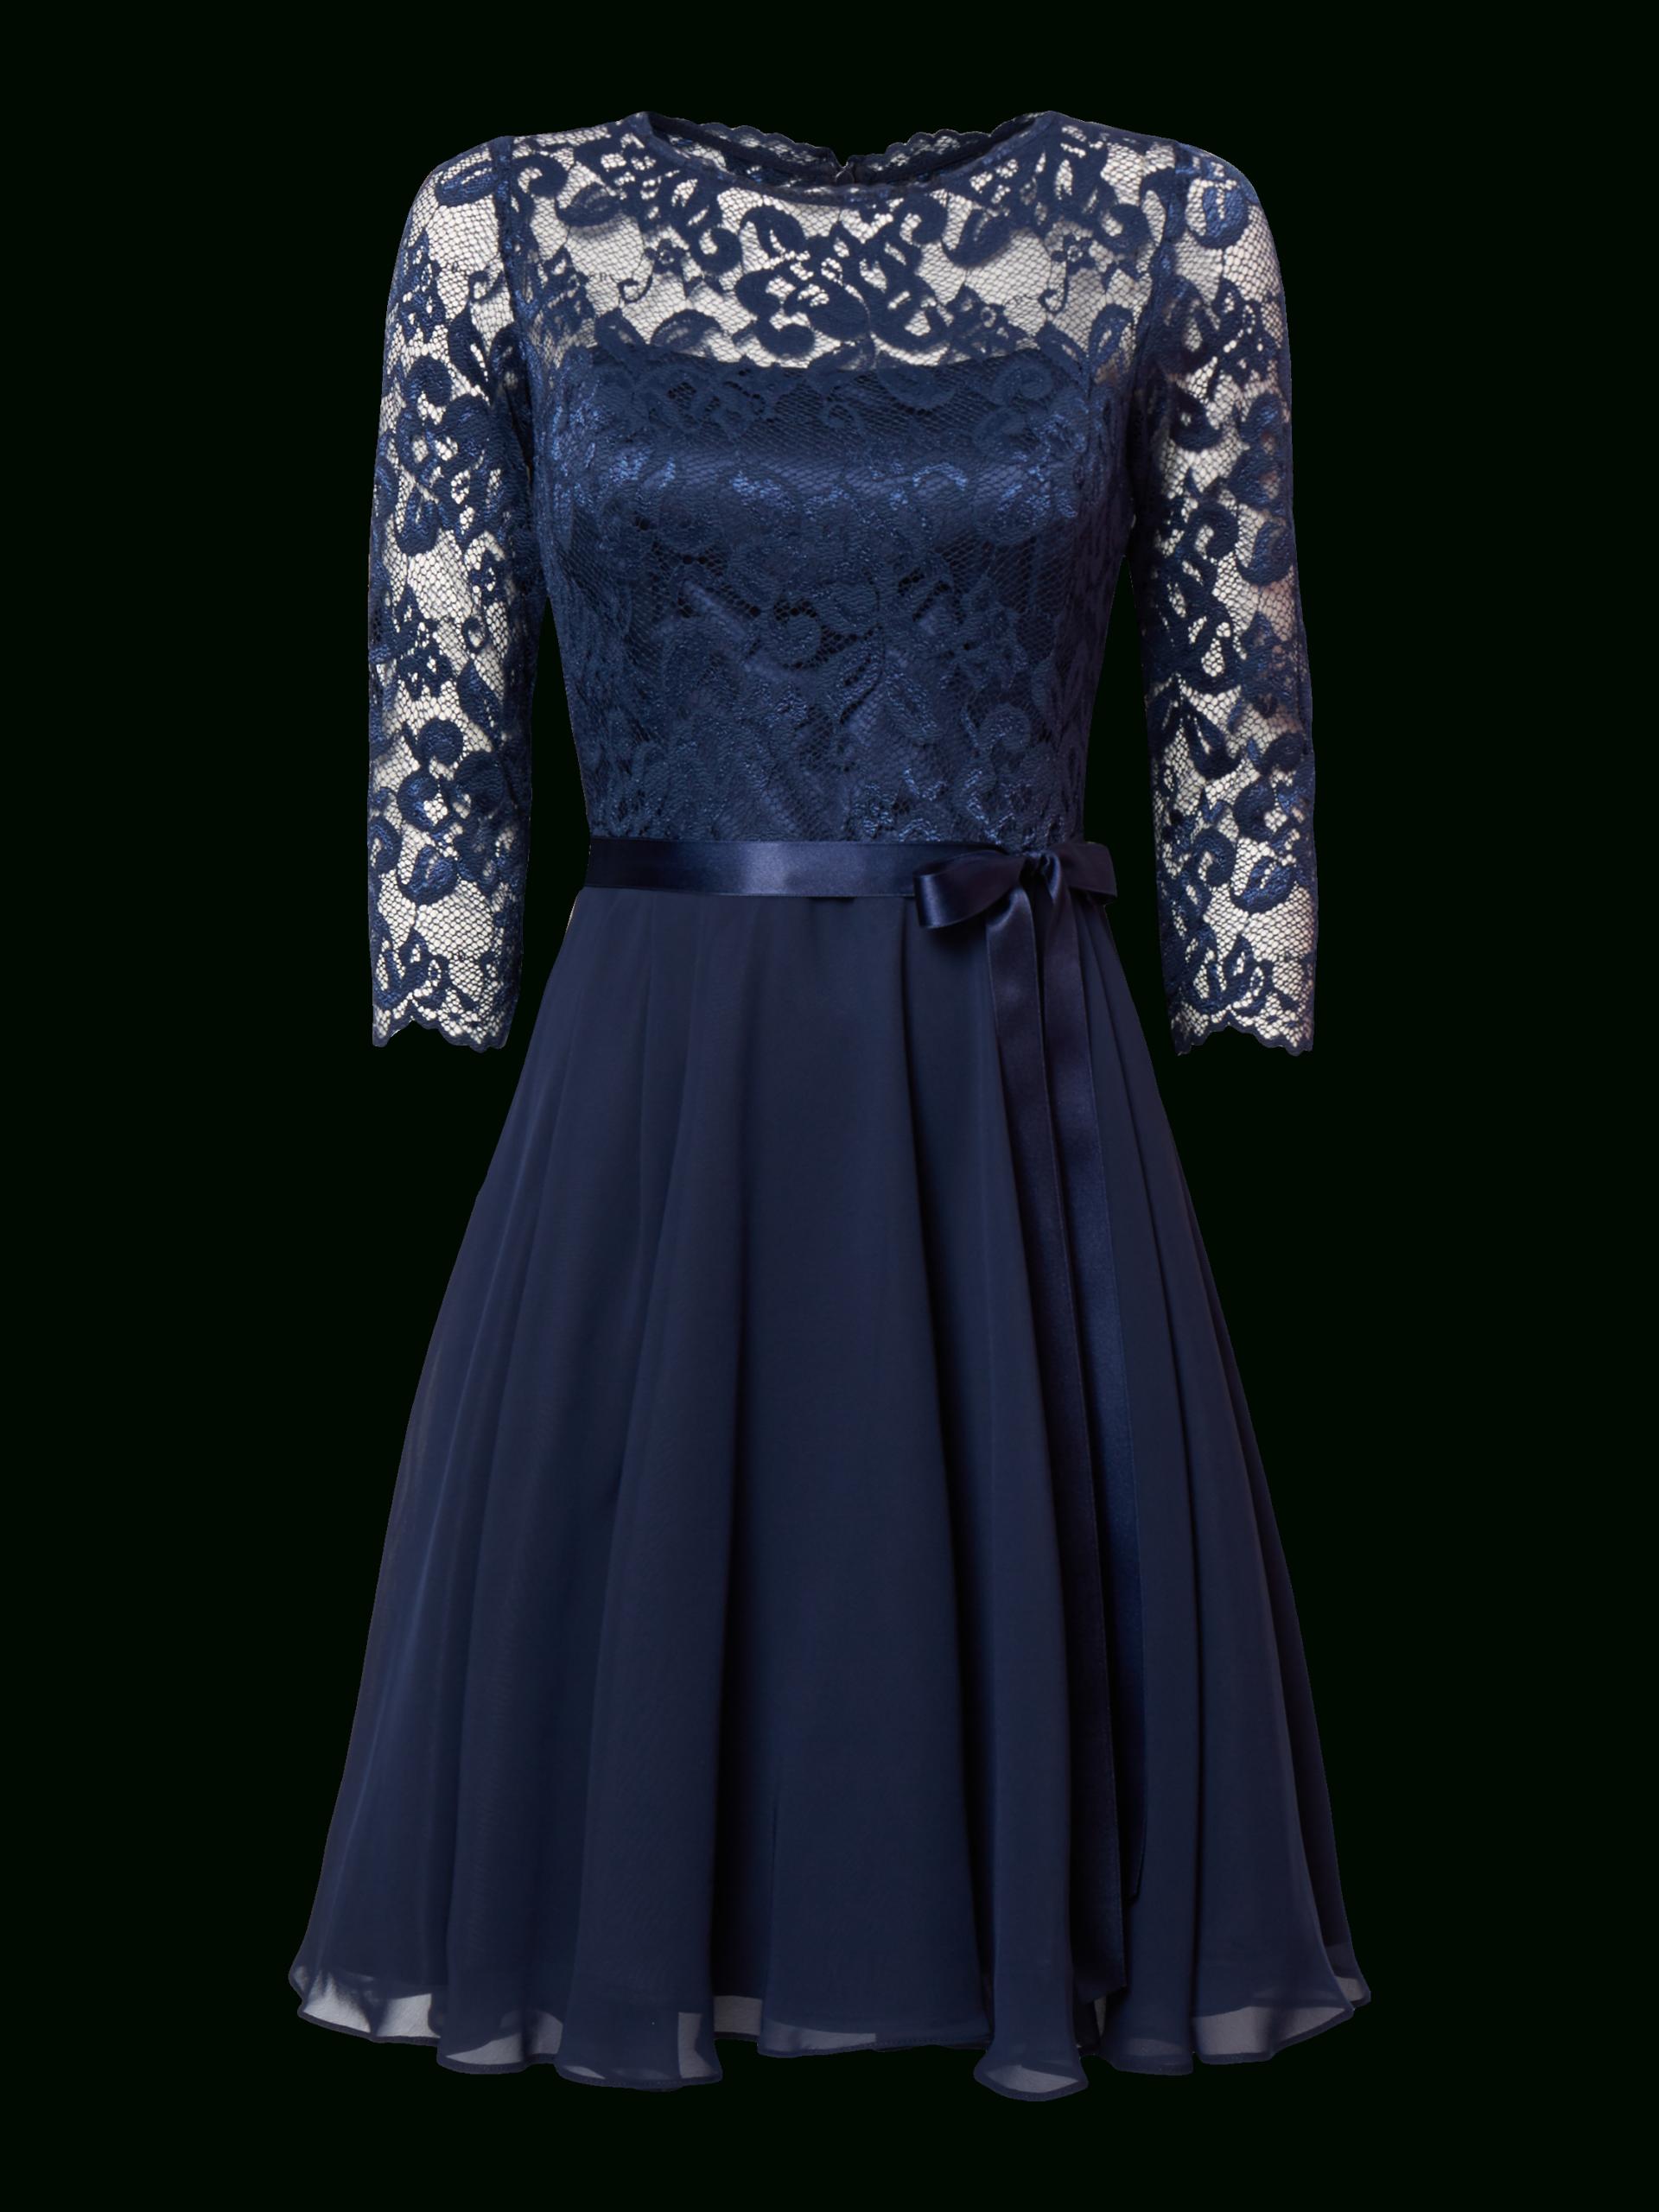 20 Fantastisch Blaues Kleid Spitze ÄrmelFormal Schön Blaues Kleid Spitze Vertrieb